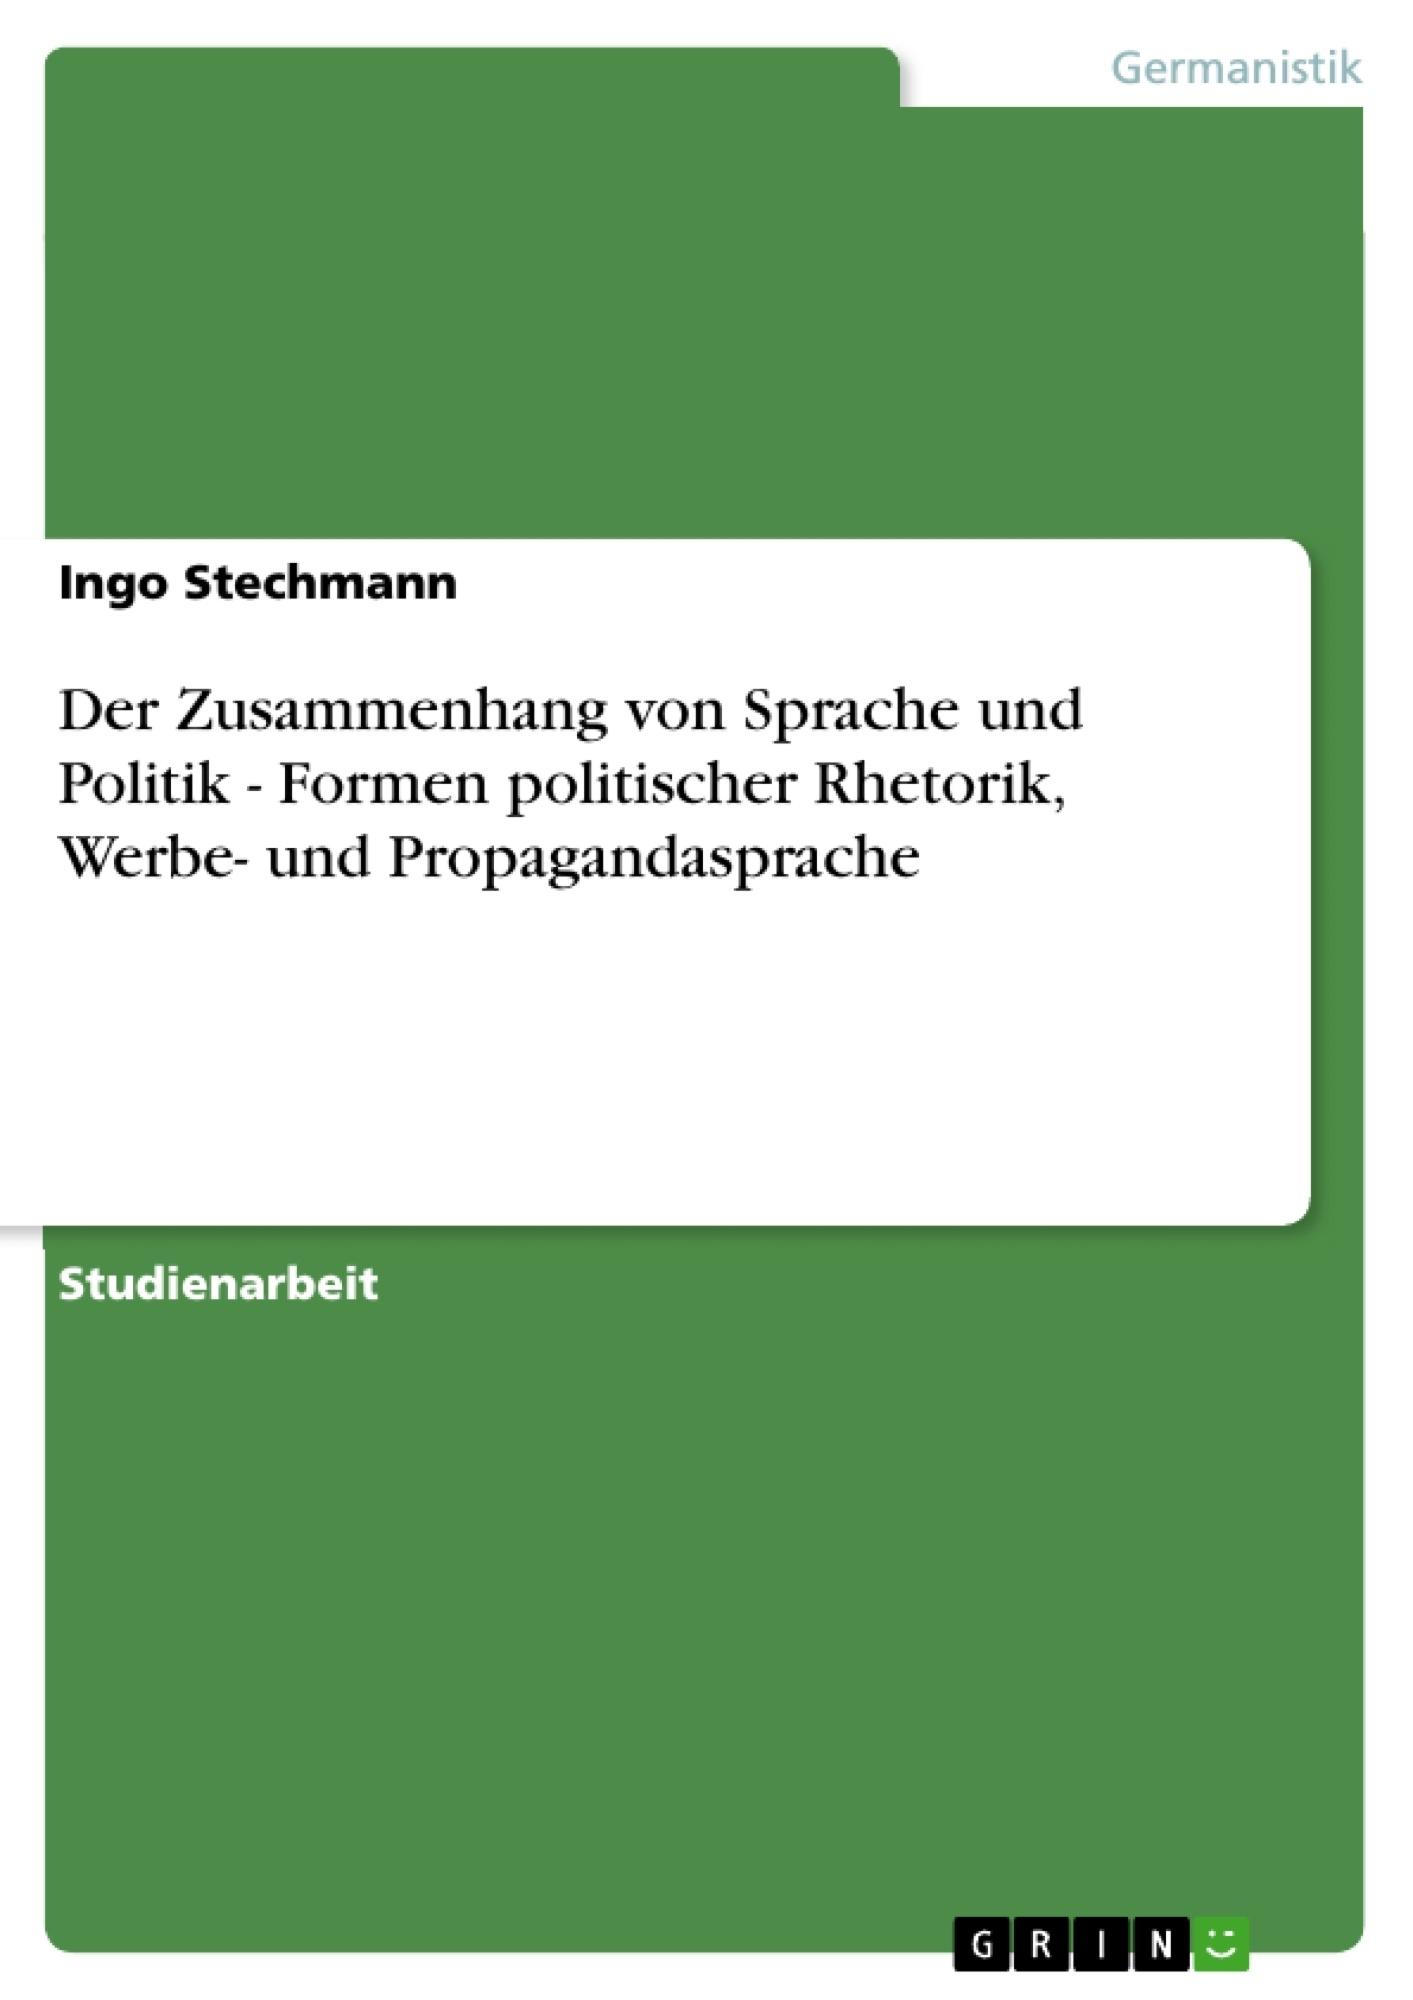 Titel: Der Zusammenhang von Sprache und Politik - Formen politischer Rhetorik, Werbe- und Propagandasprache